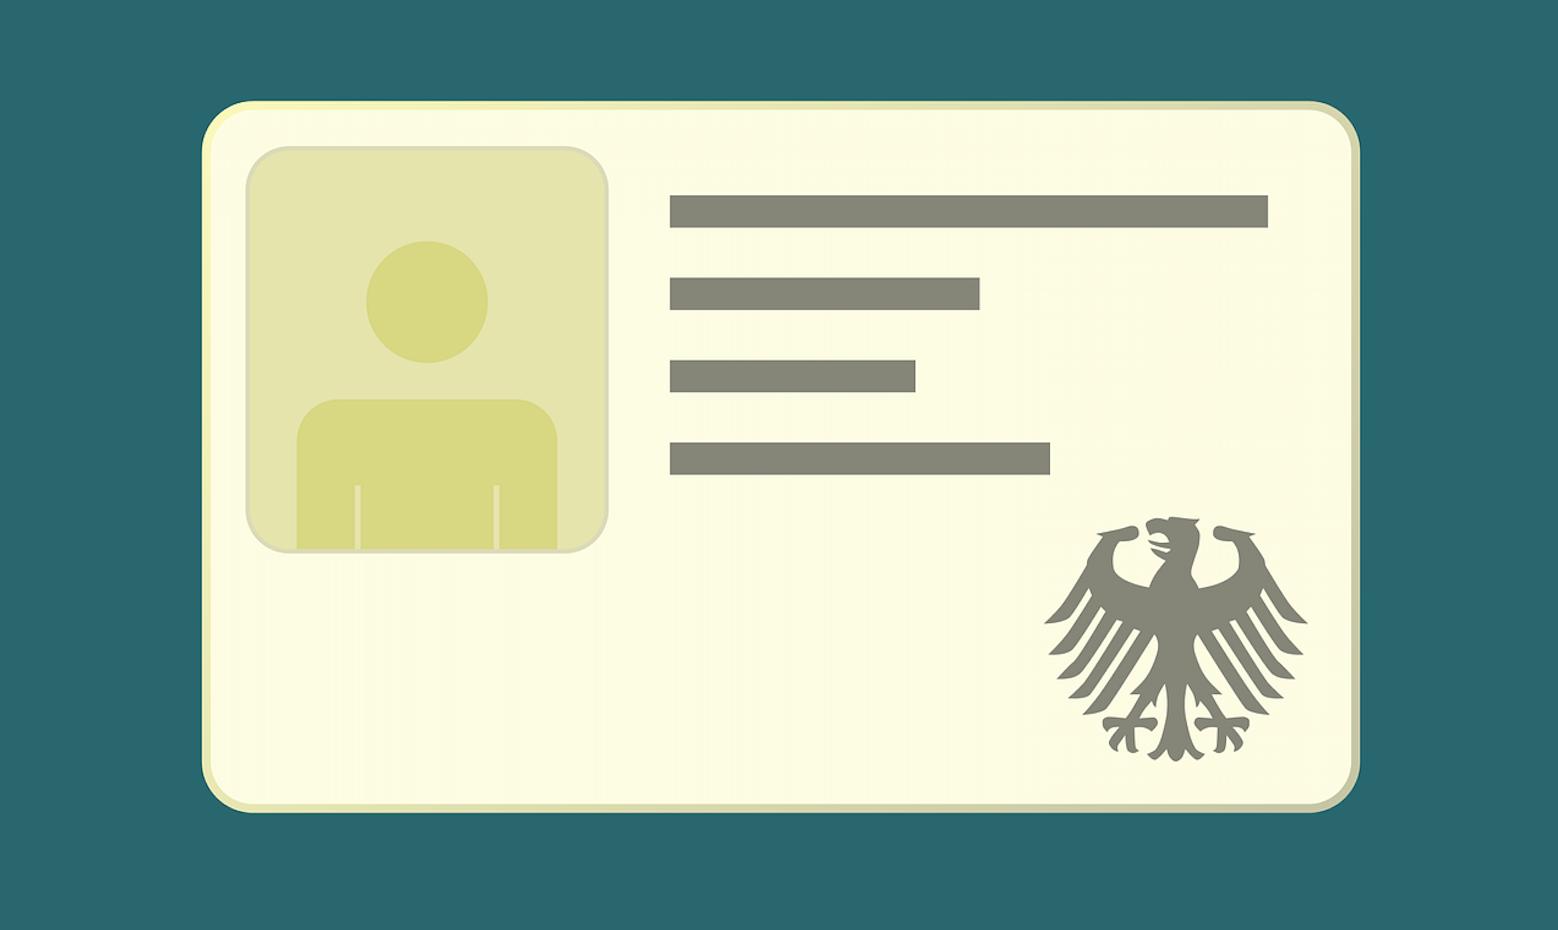 Nur wenige Deutsche nutzen die Online-Funktion ihres Personalausweises